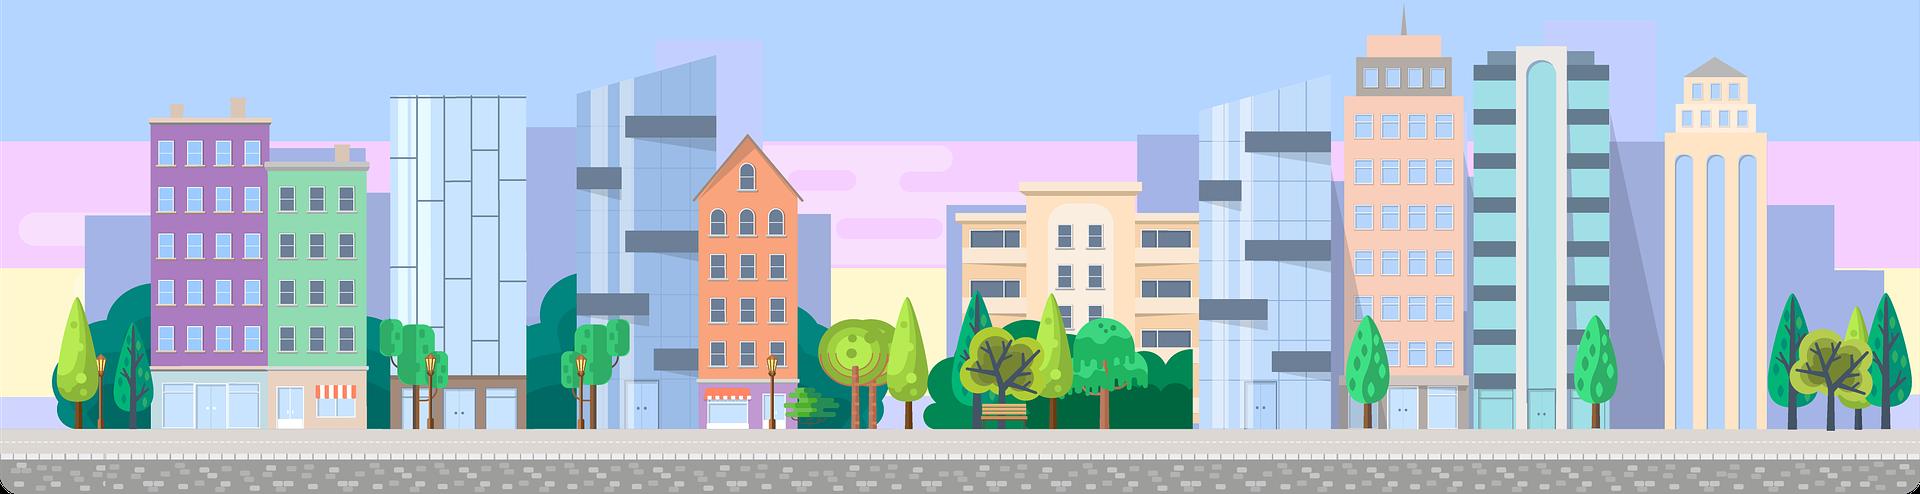 Grafik einer Stadtansicht